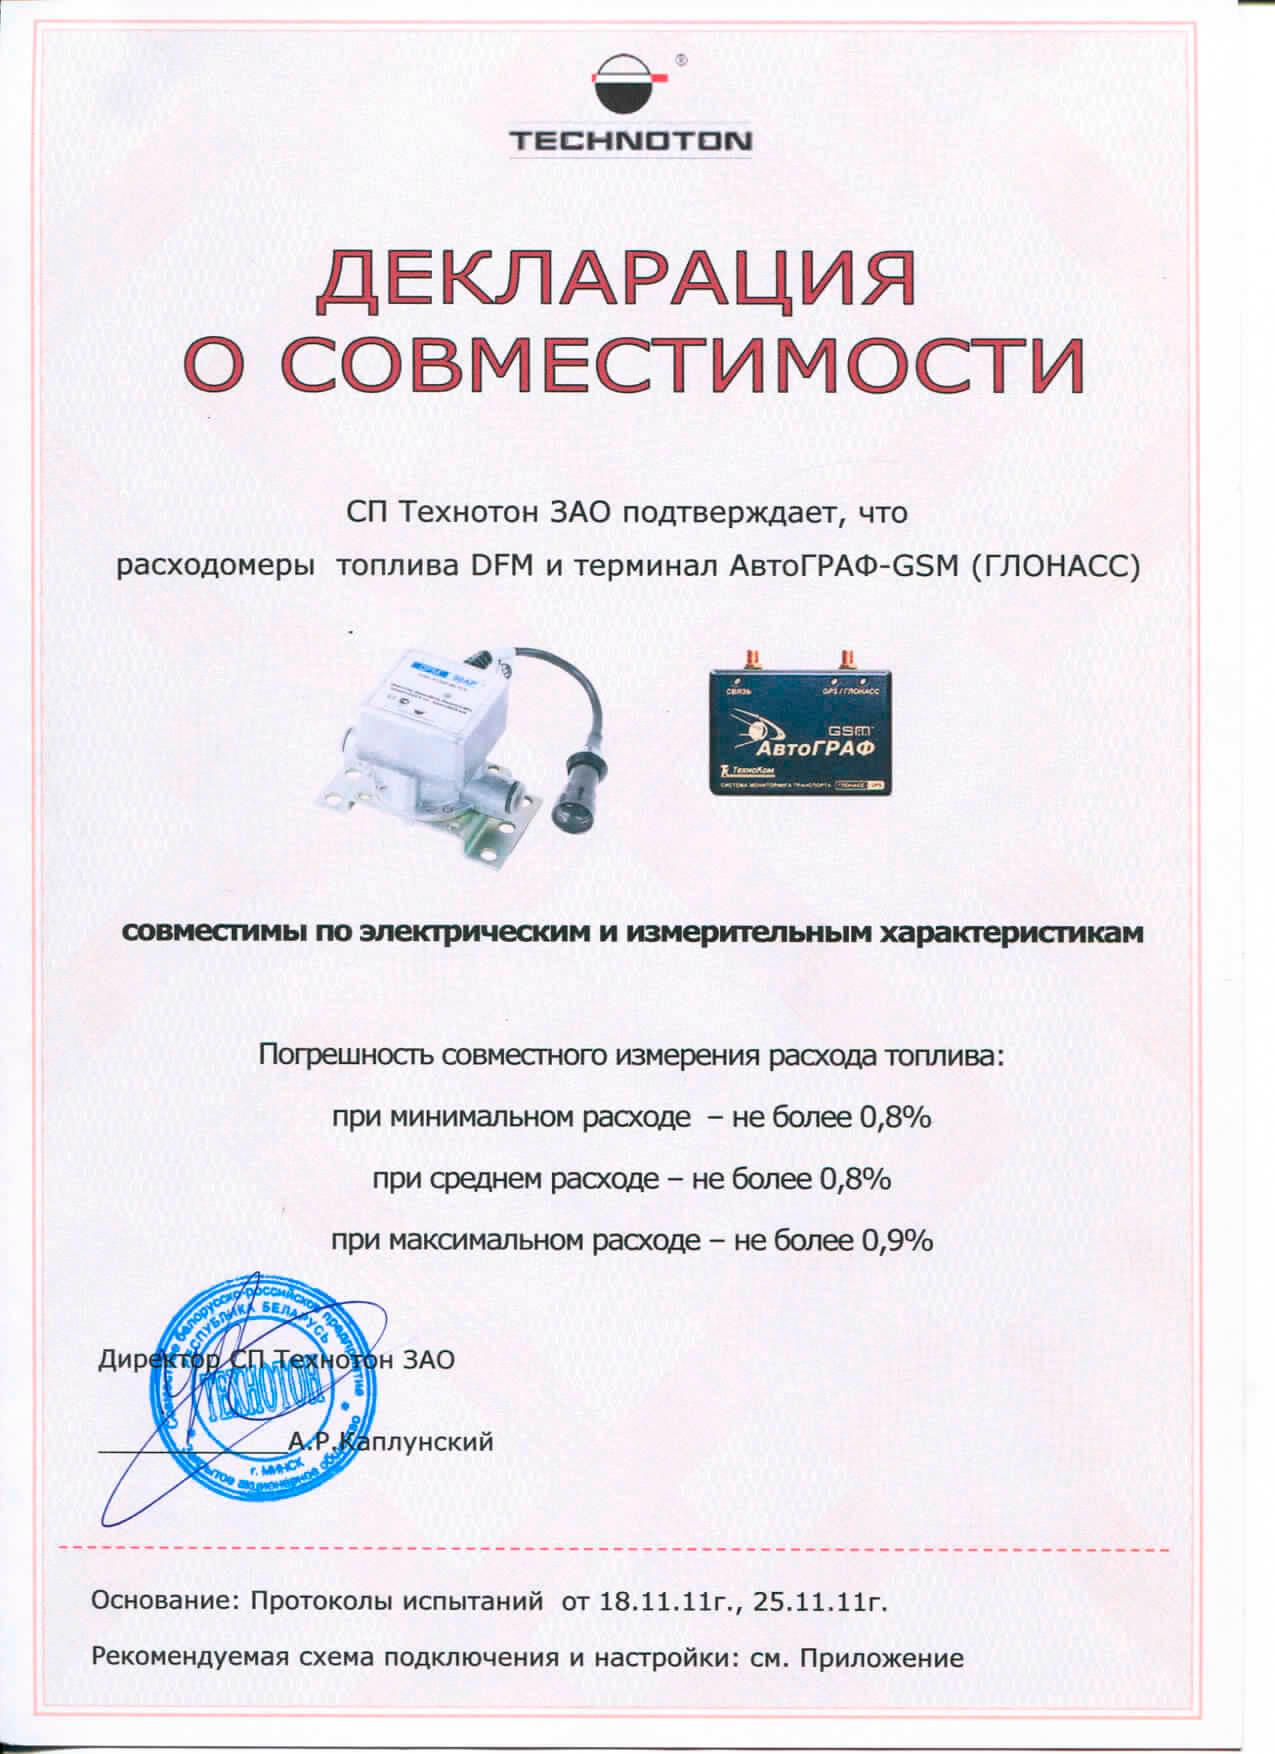 DFM AP совместим с АвтоГраф GSM (ГЛОНАСС)